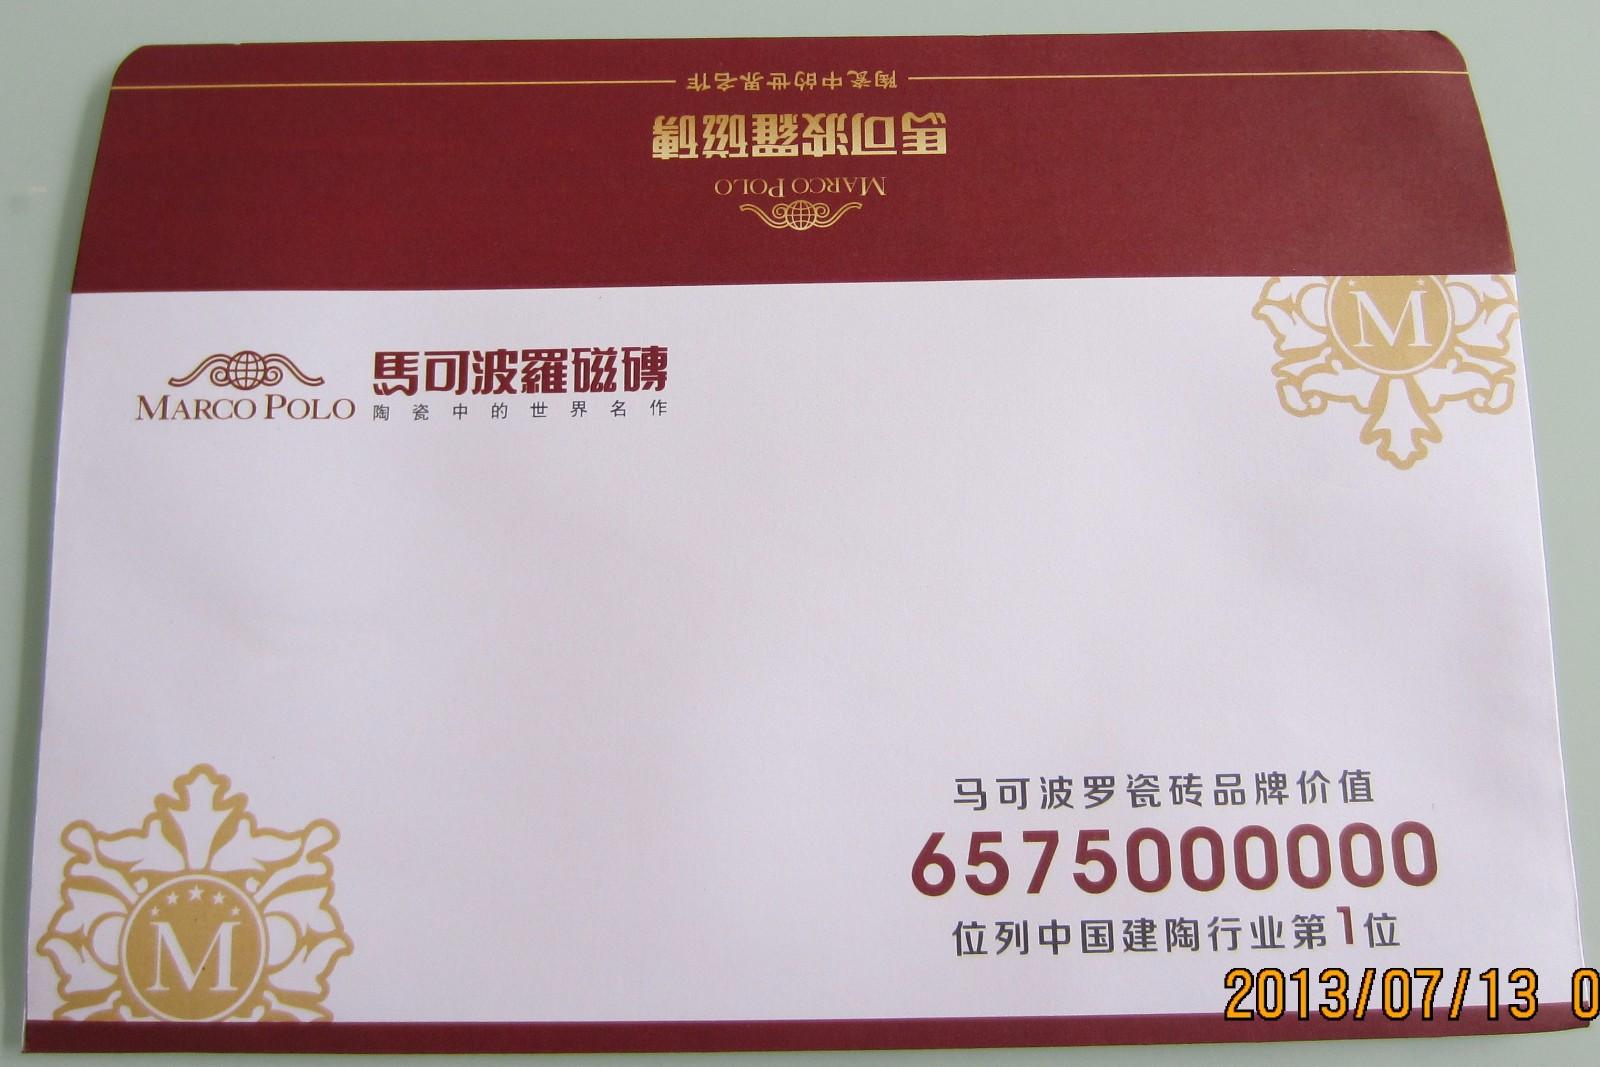 信封紅包|信封紅包-濟南嘉豪彩色包裝有限公司